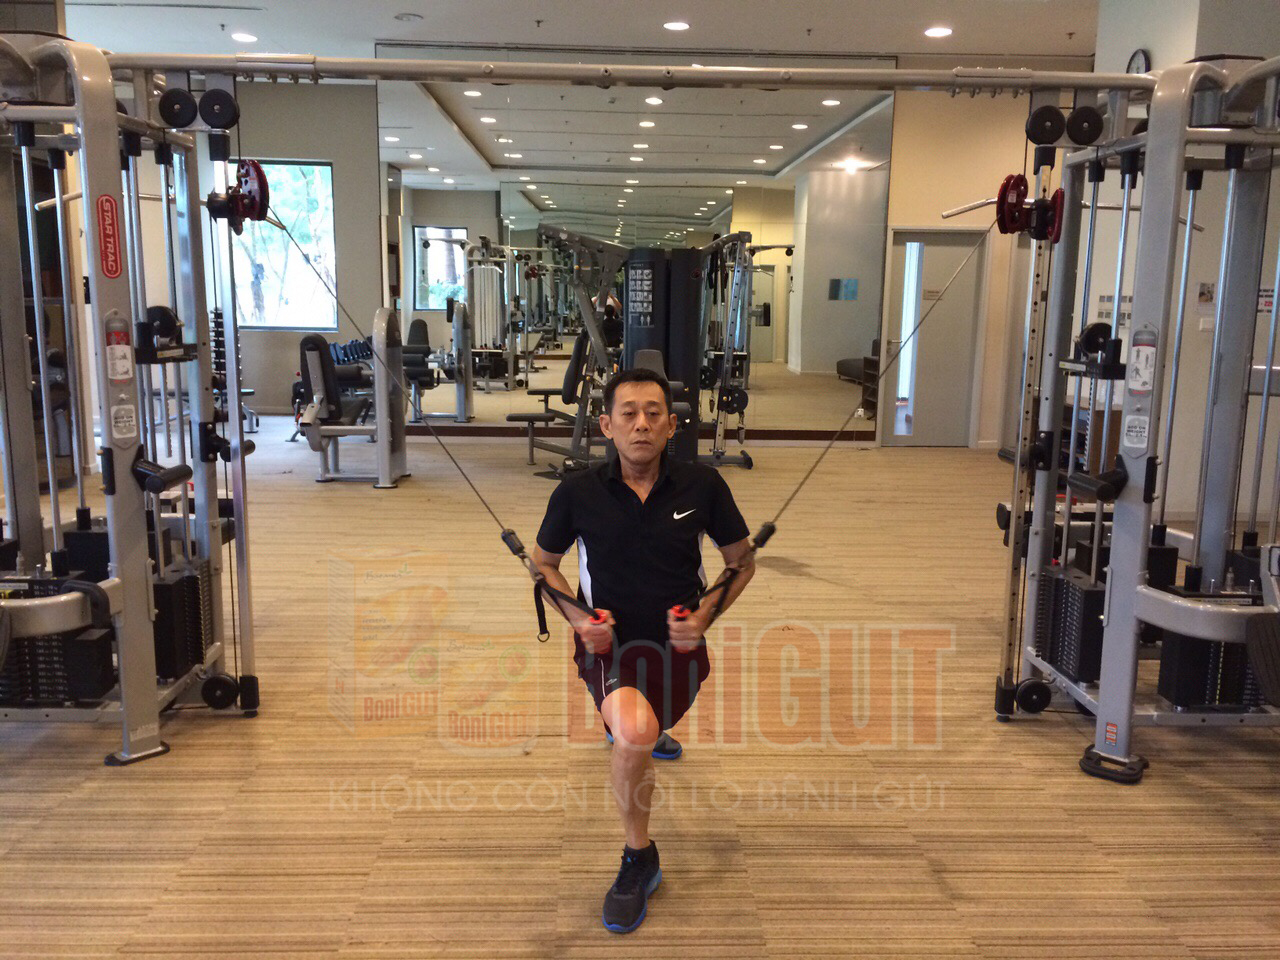 Hành trình đẩy lùi bệnh gút và đến với phòng tập gym ở tuổi 62